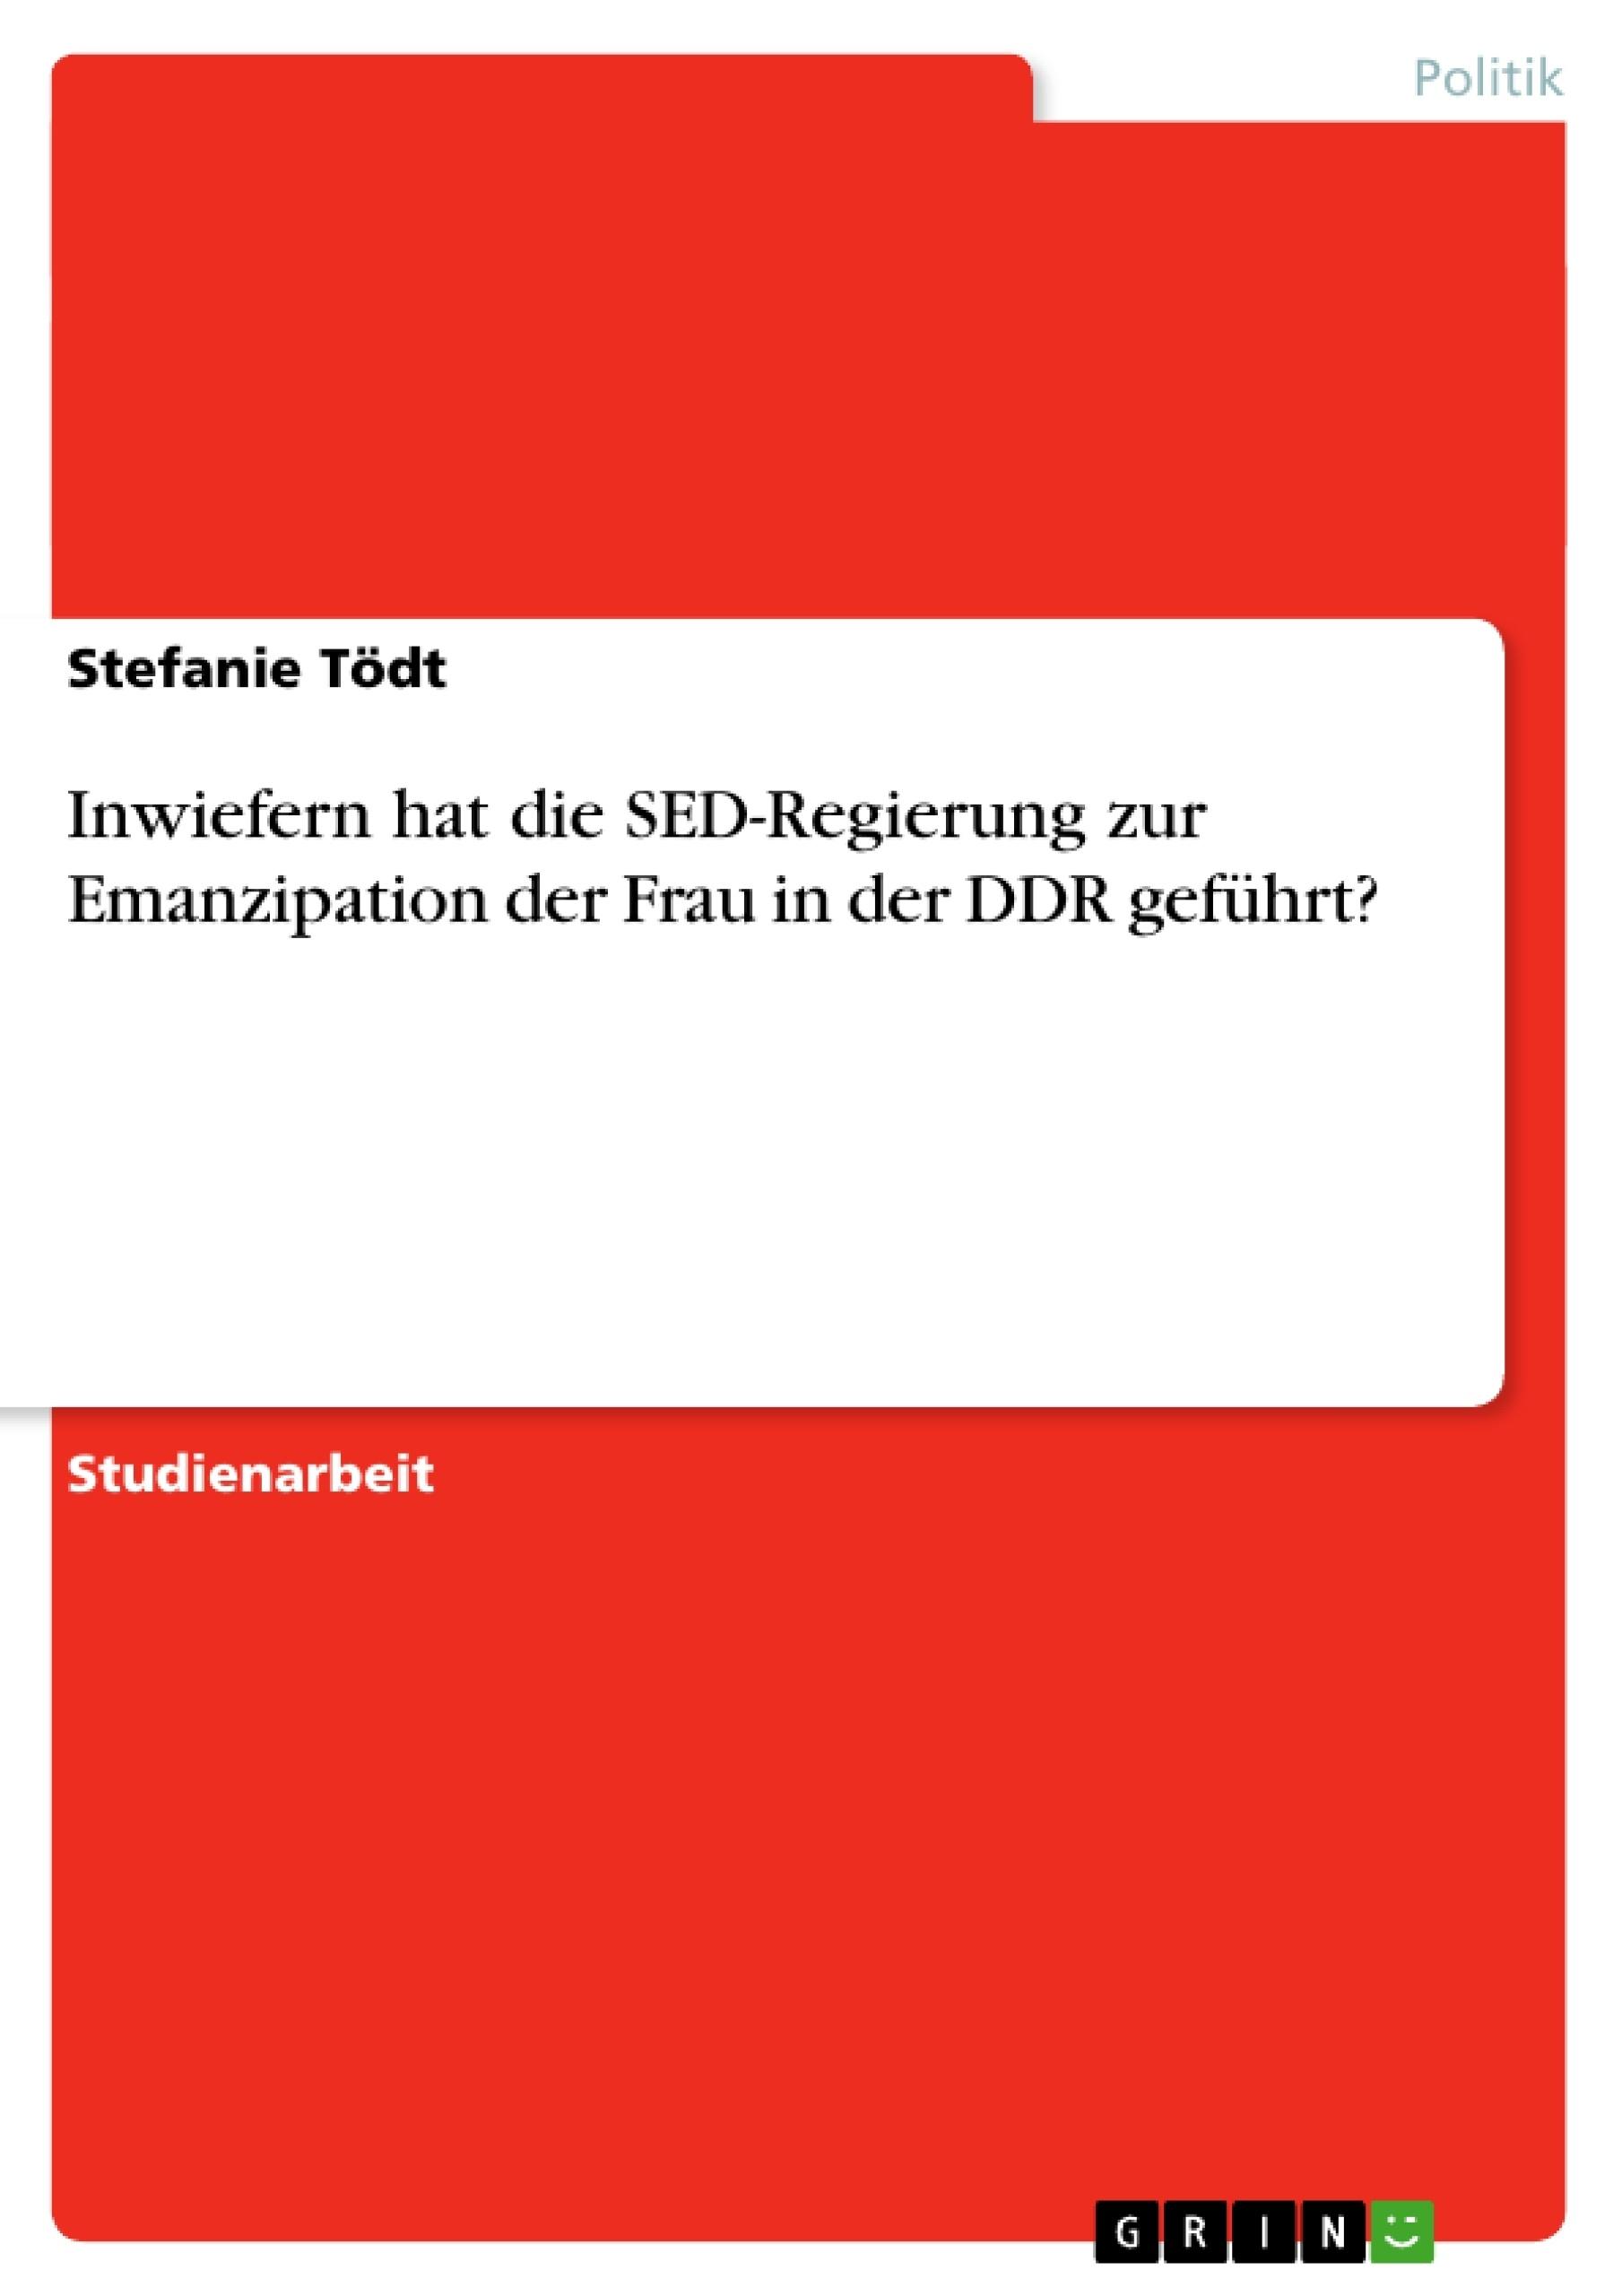 Titel: Inwiefern hat die SED-Regierung zur Emanzipation der Frau in der DDR geführt?